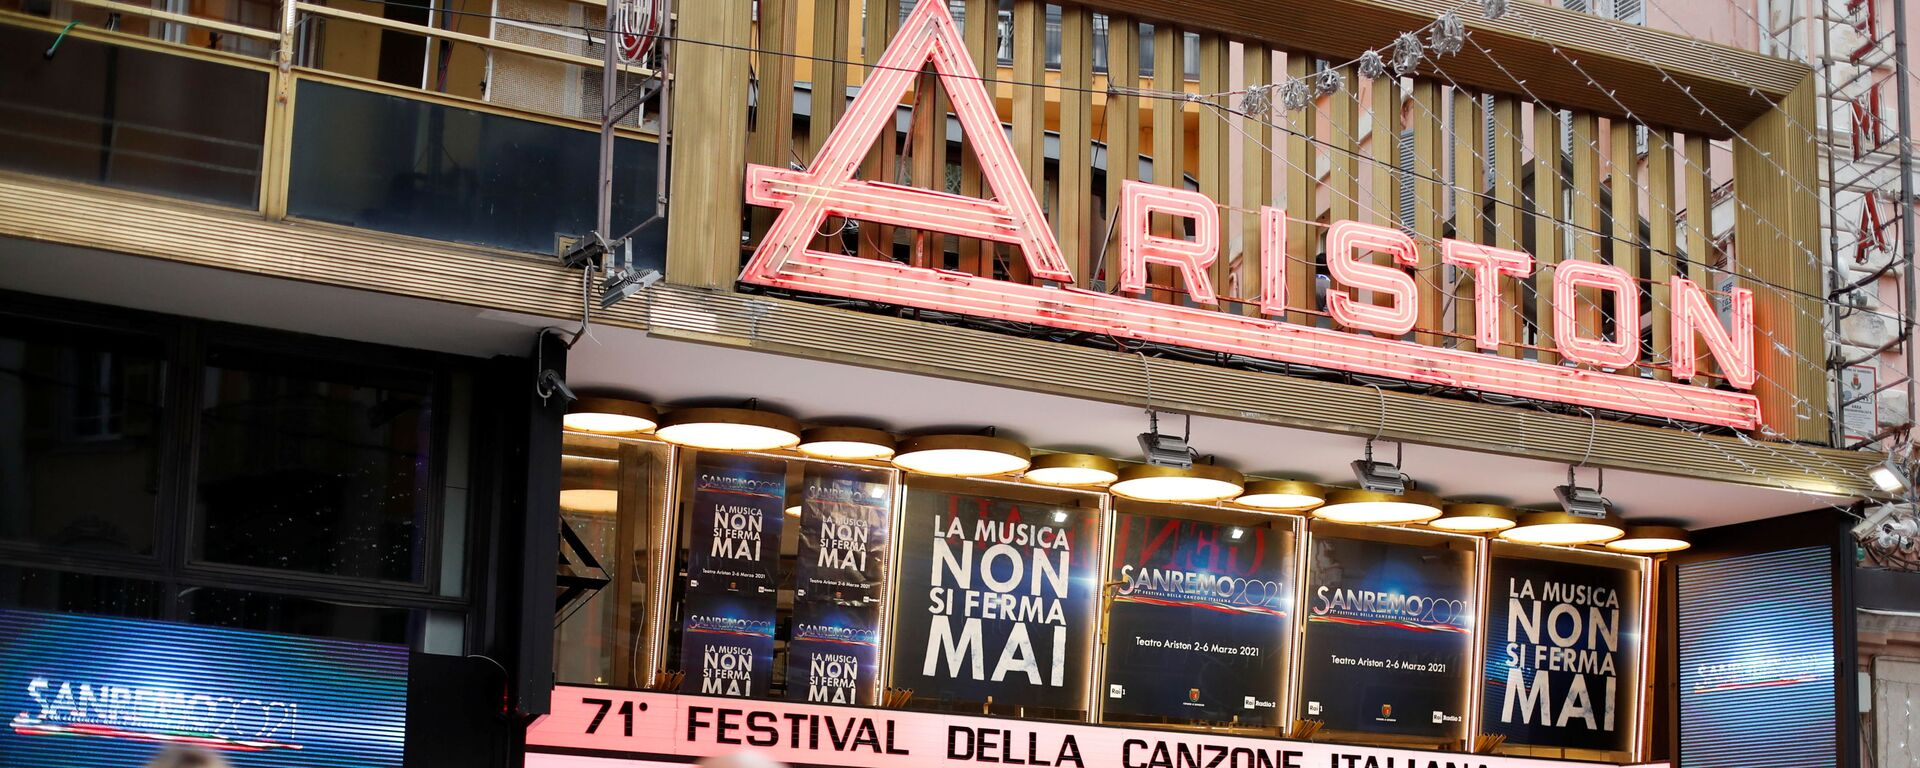 Il Teatro Ariston dove si svolge il Festival di Sanremo in diretta, il 2 marzo 2021 - Sputnik Italia, 1920, 07.03.2021